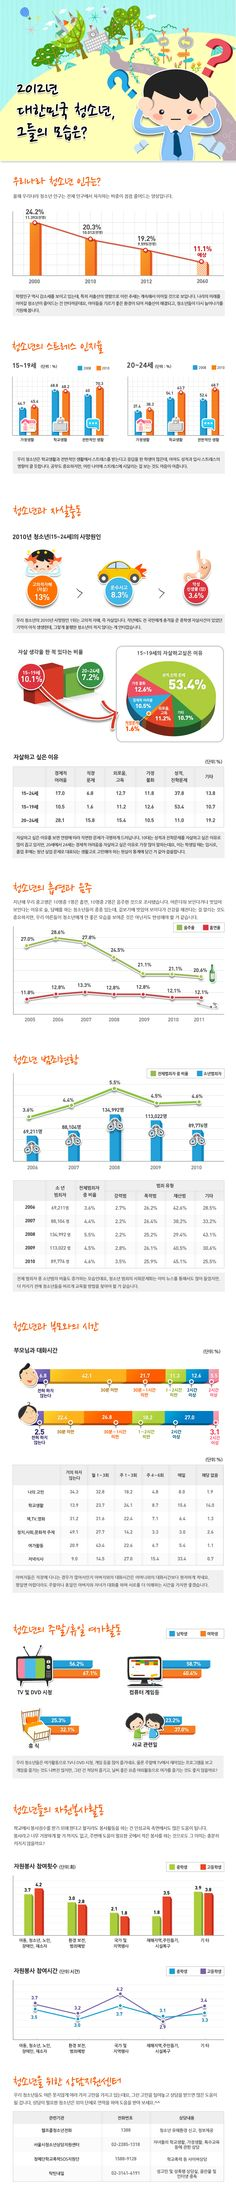 2012년 대한민국 청소년, 그들의 모습은? 청소년 통계에 관한 인포그래픽  Source - hikostat.kr